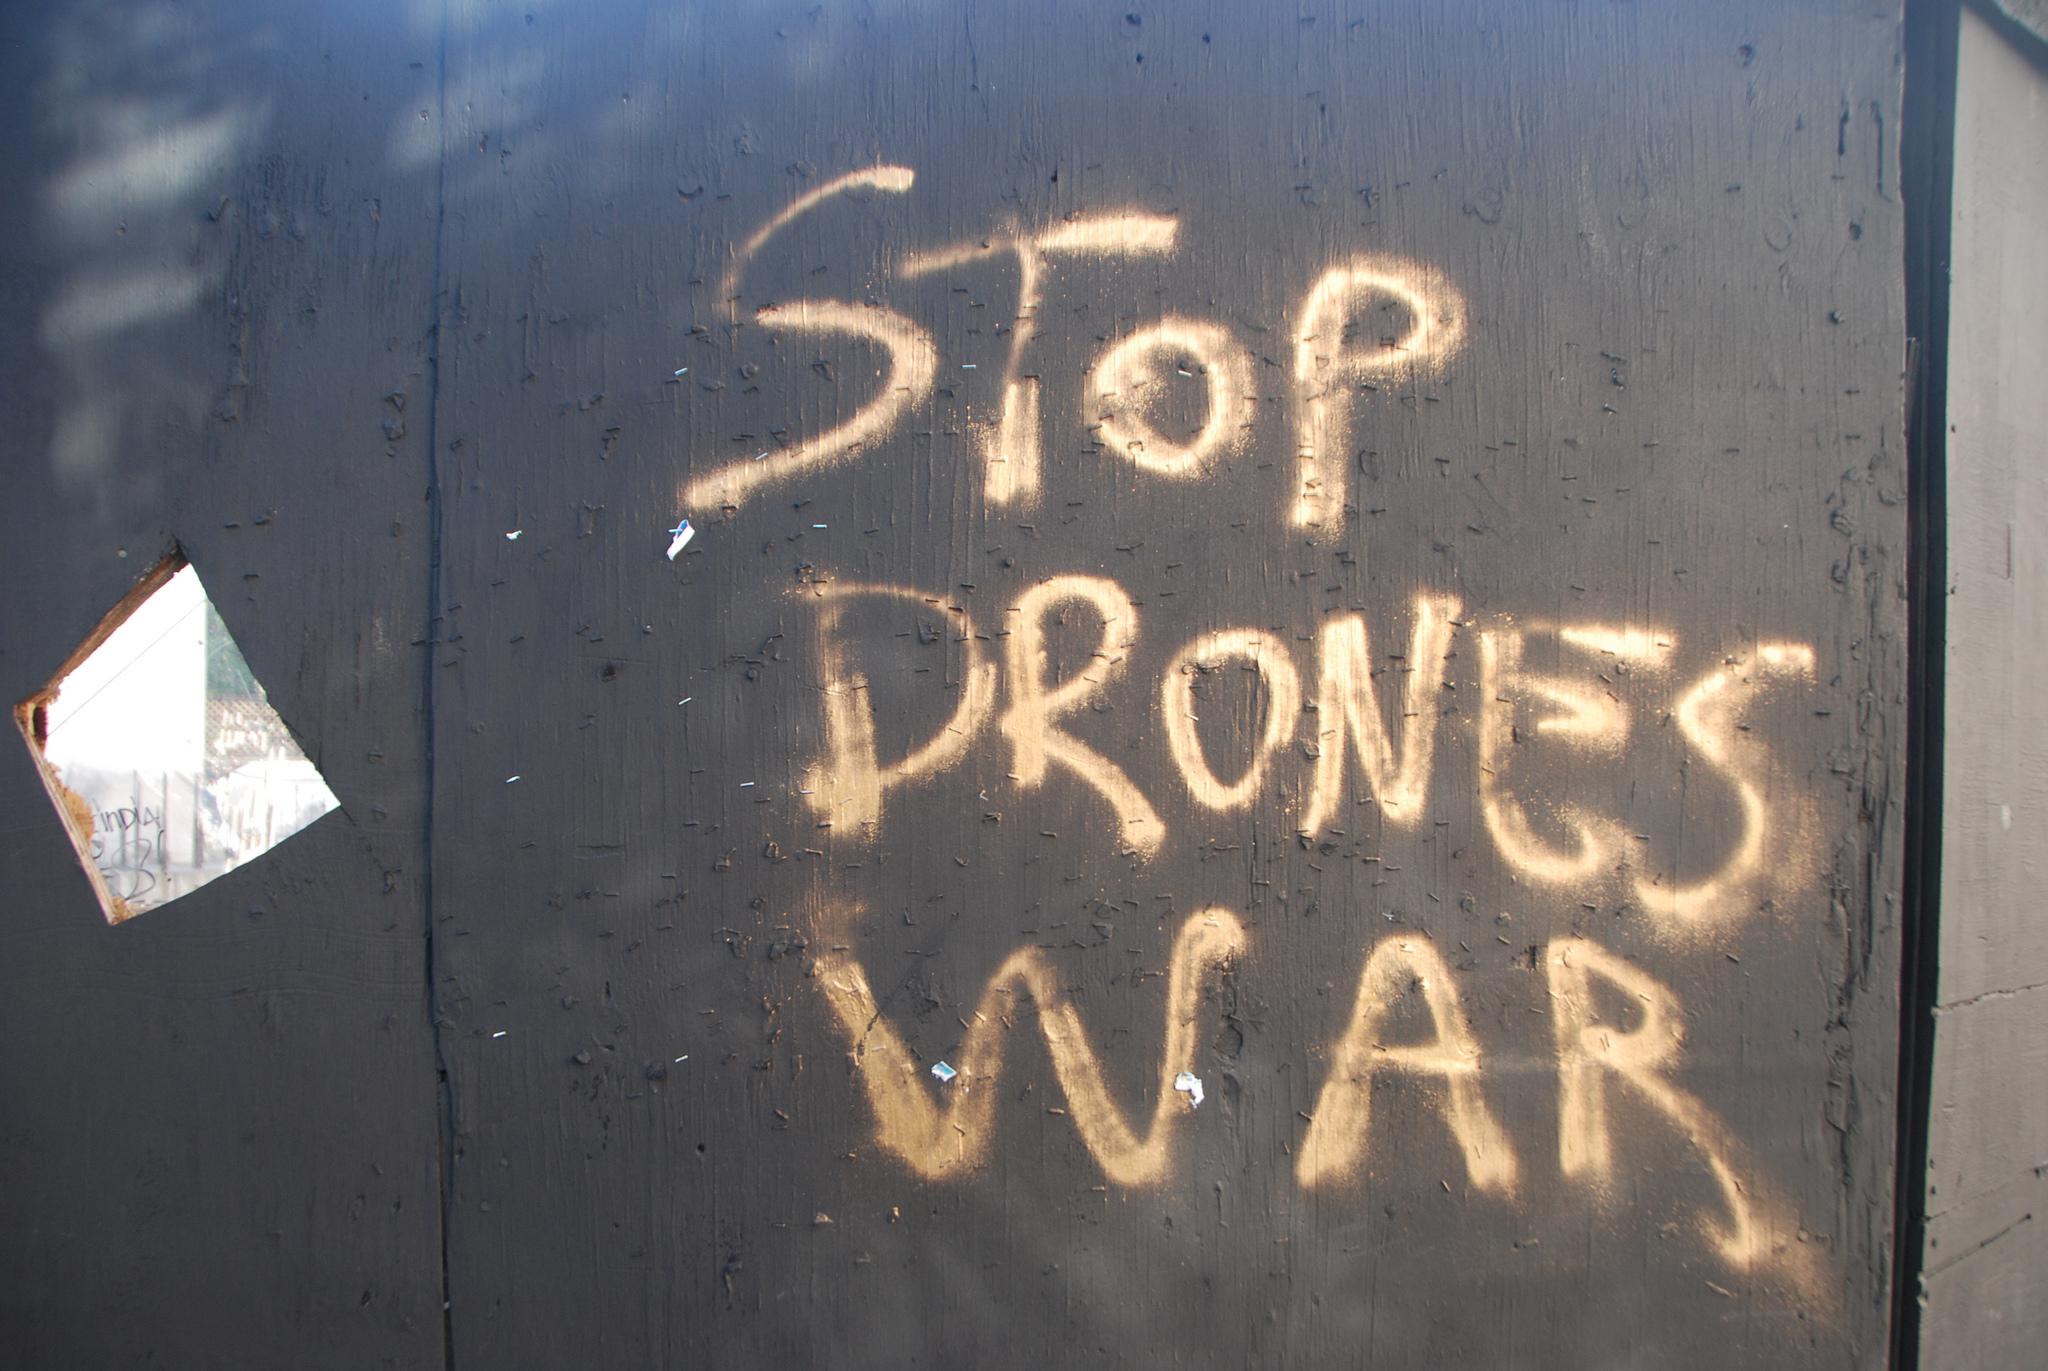 Il costo dei droni in vite umane: la sfida per l'accountability